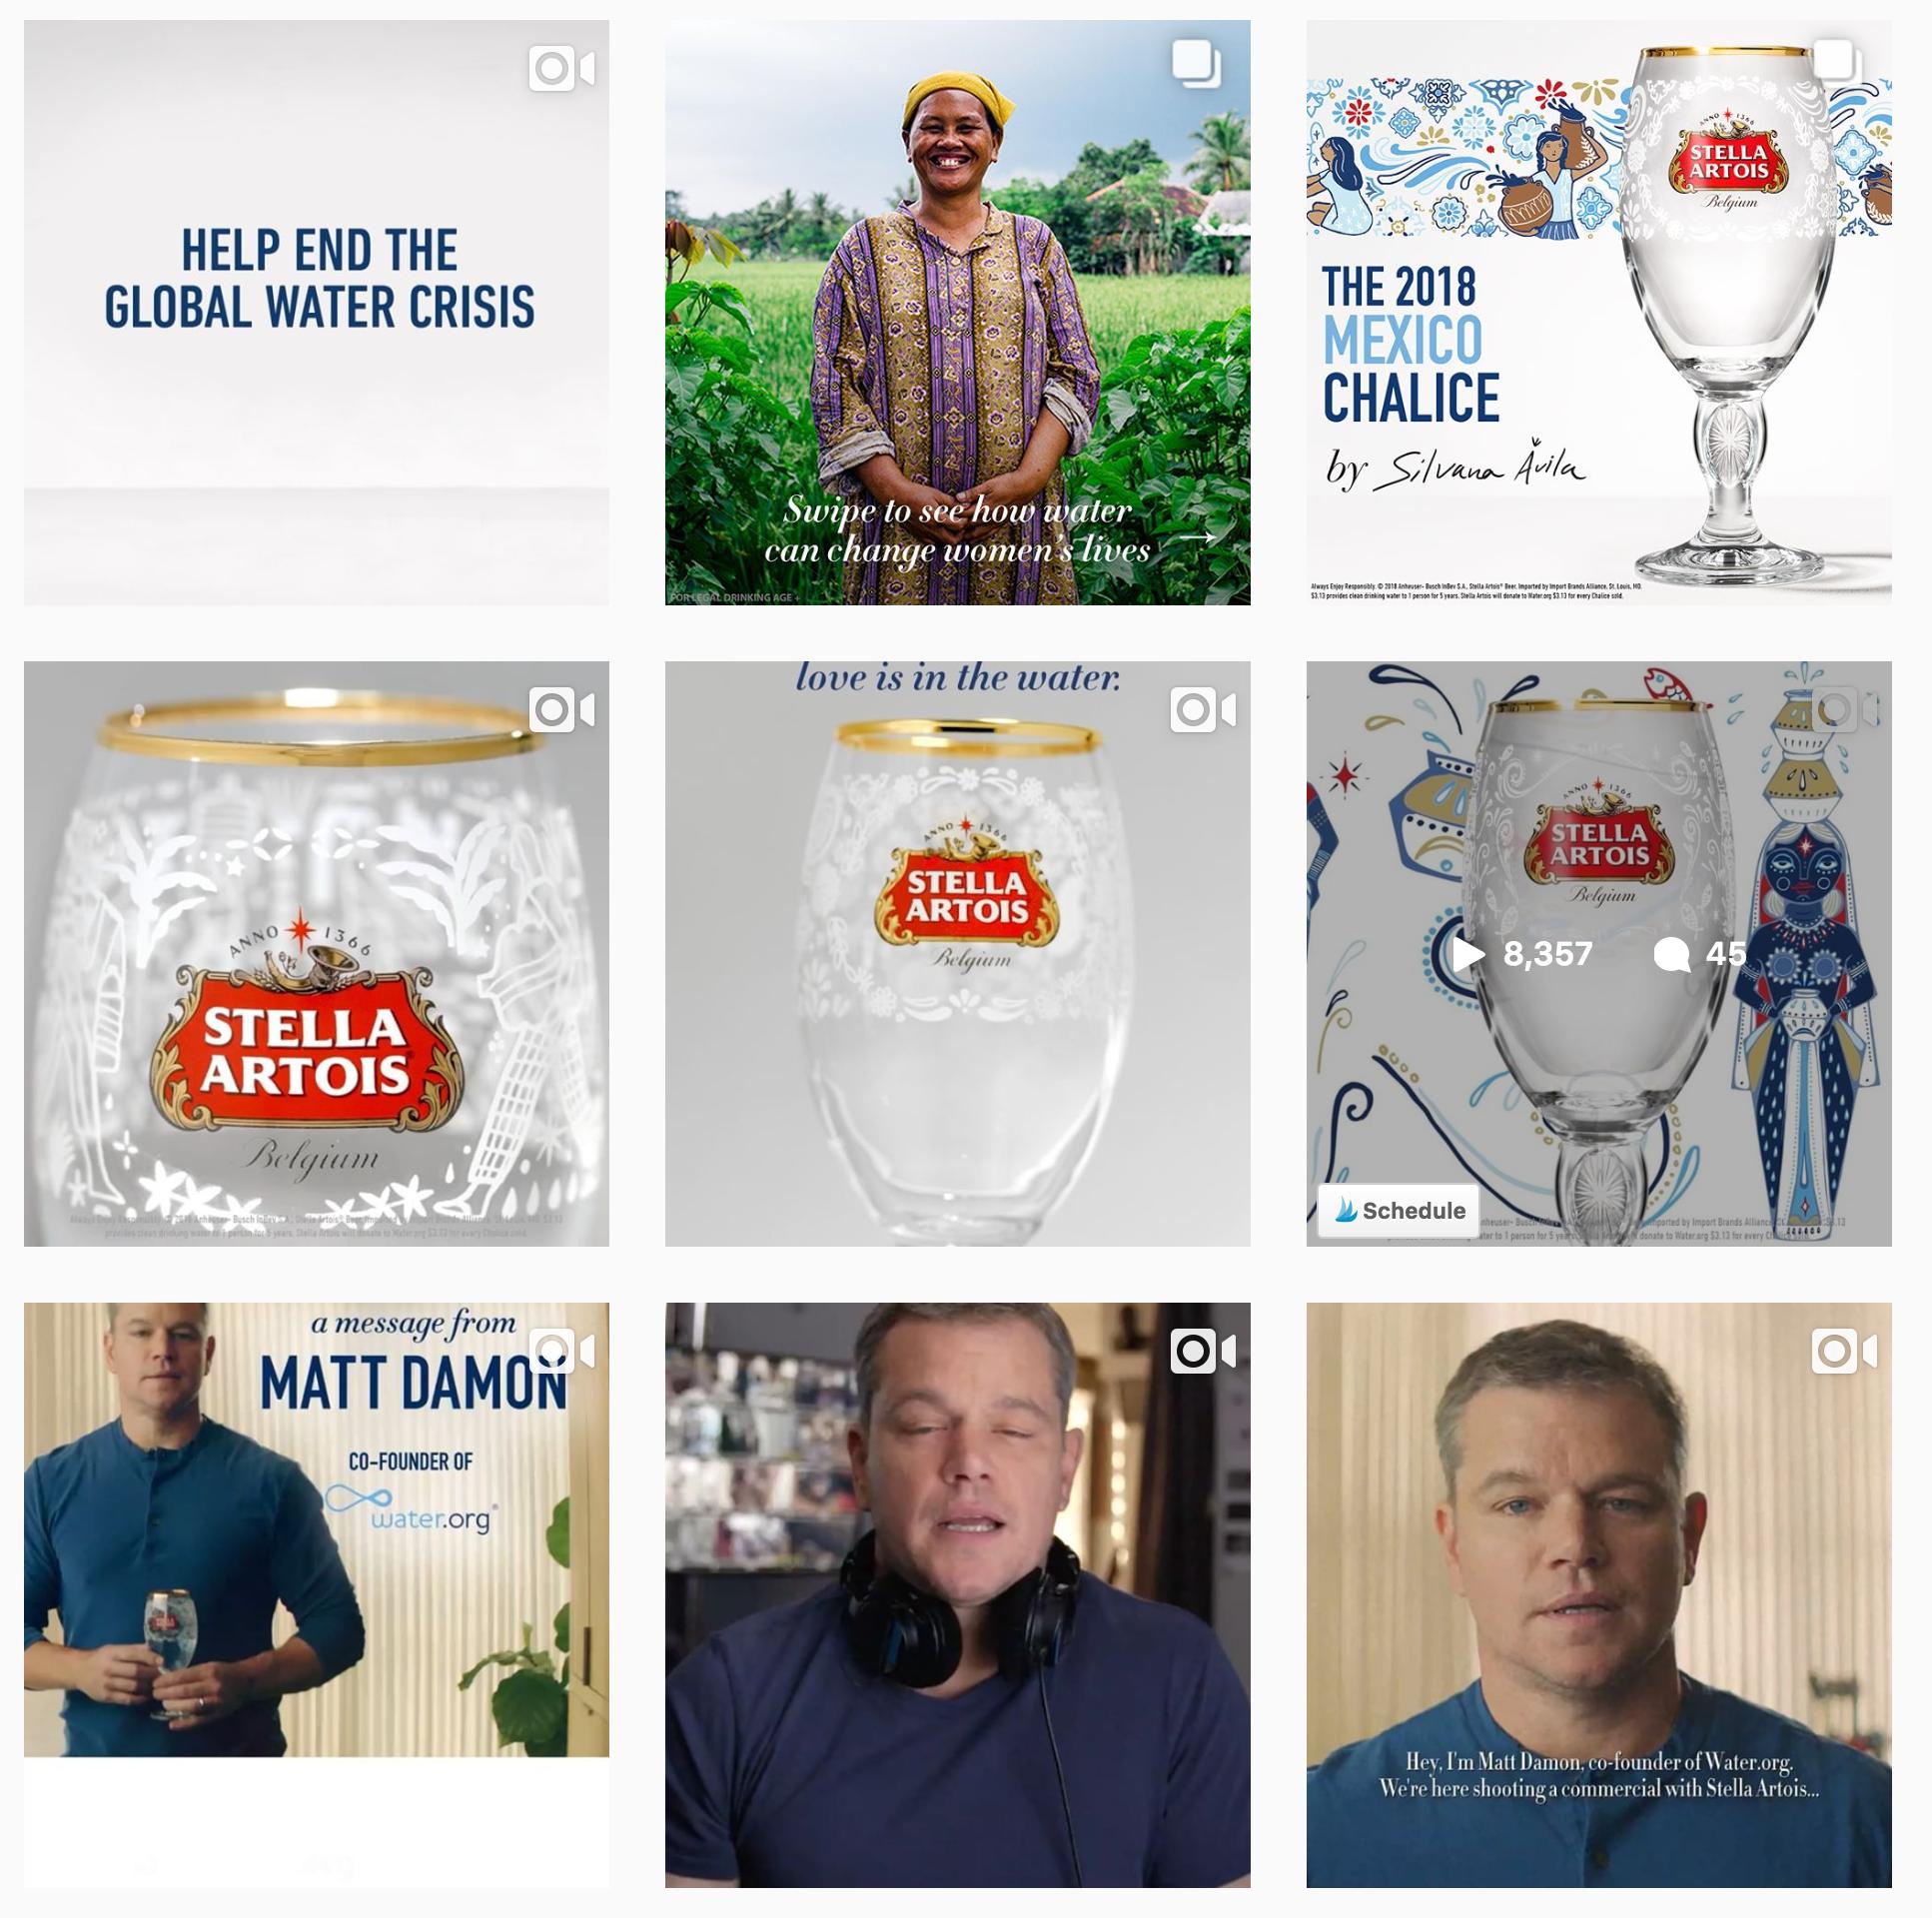 Best Instagram Campaigns 2018 - Stella Artois - Sked Social